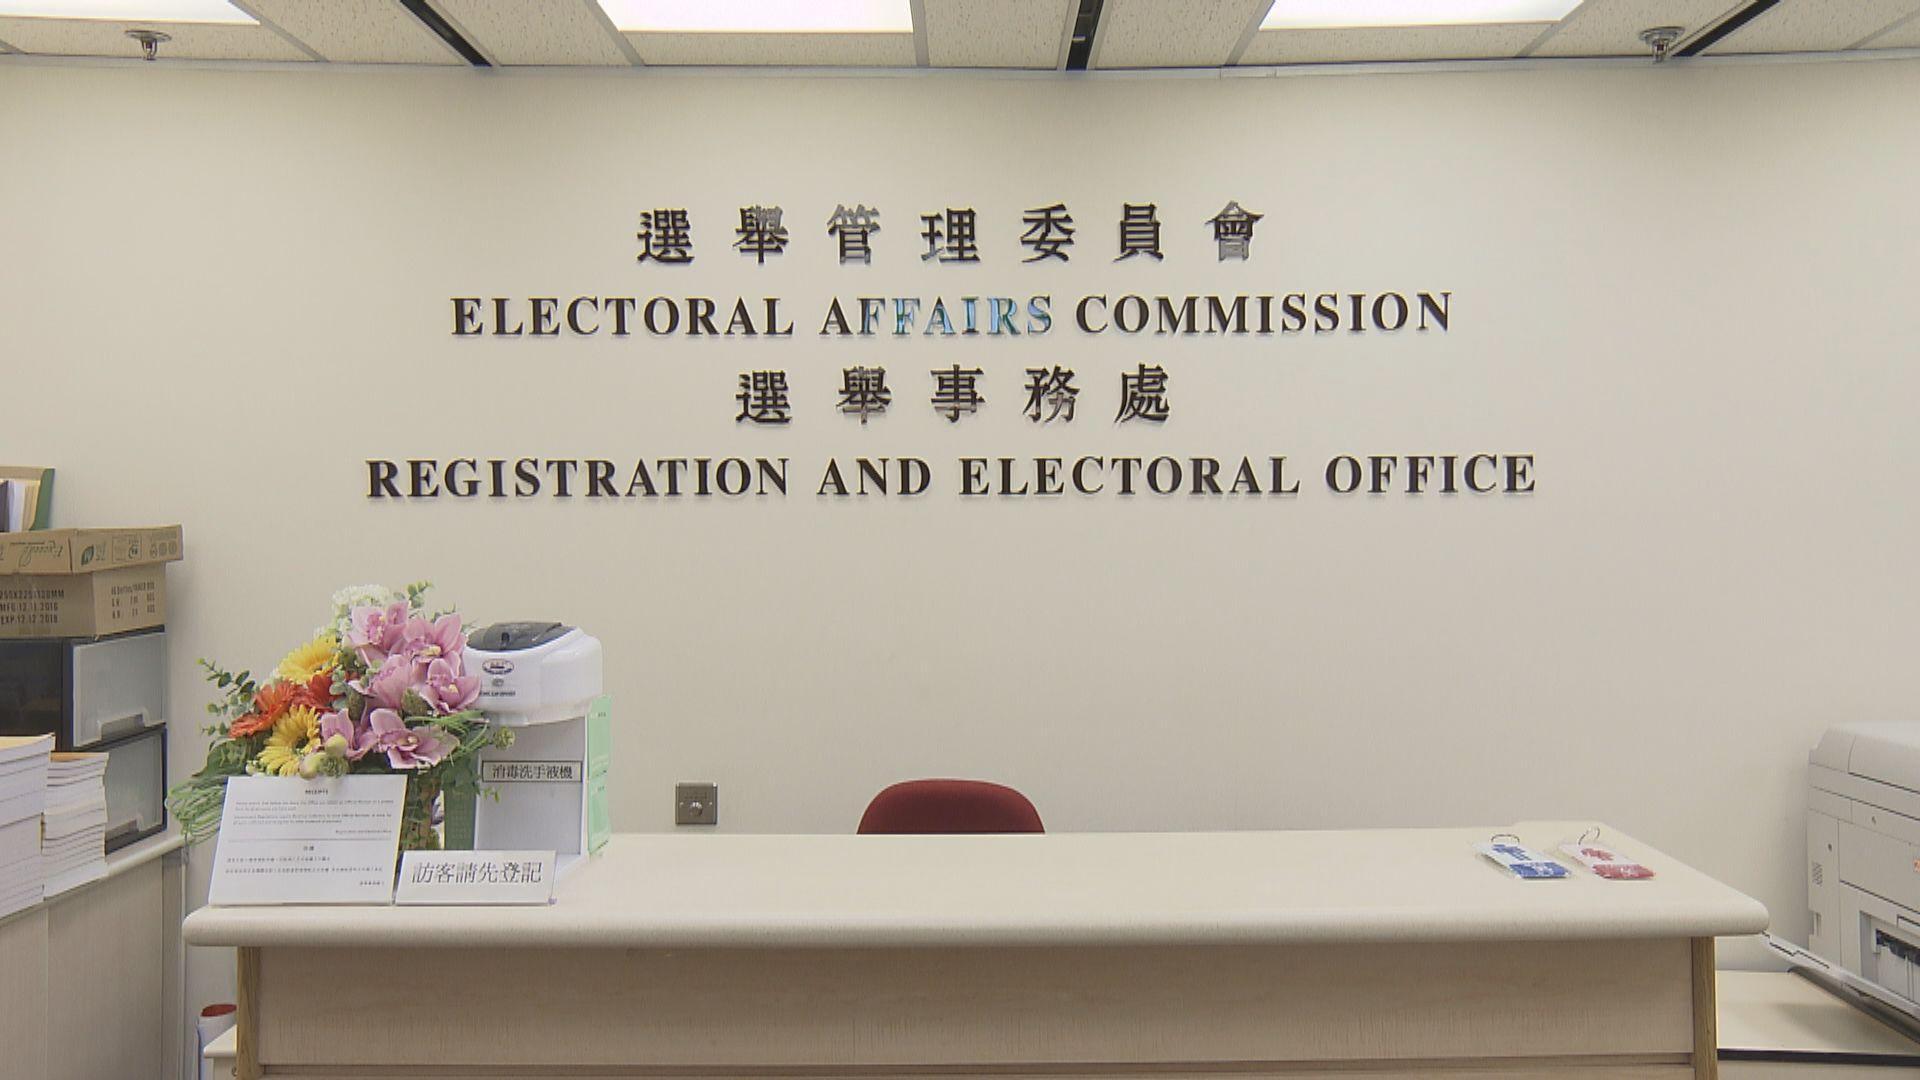 多名區議會參選人陸續獲確認提名資格